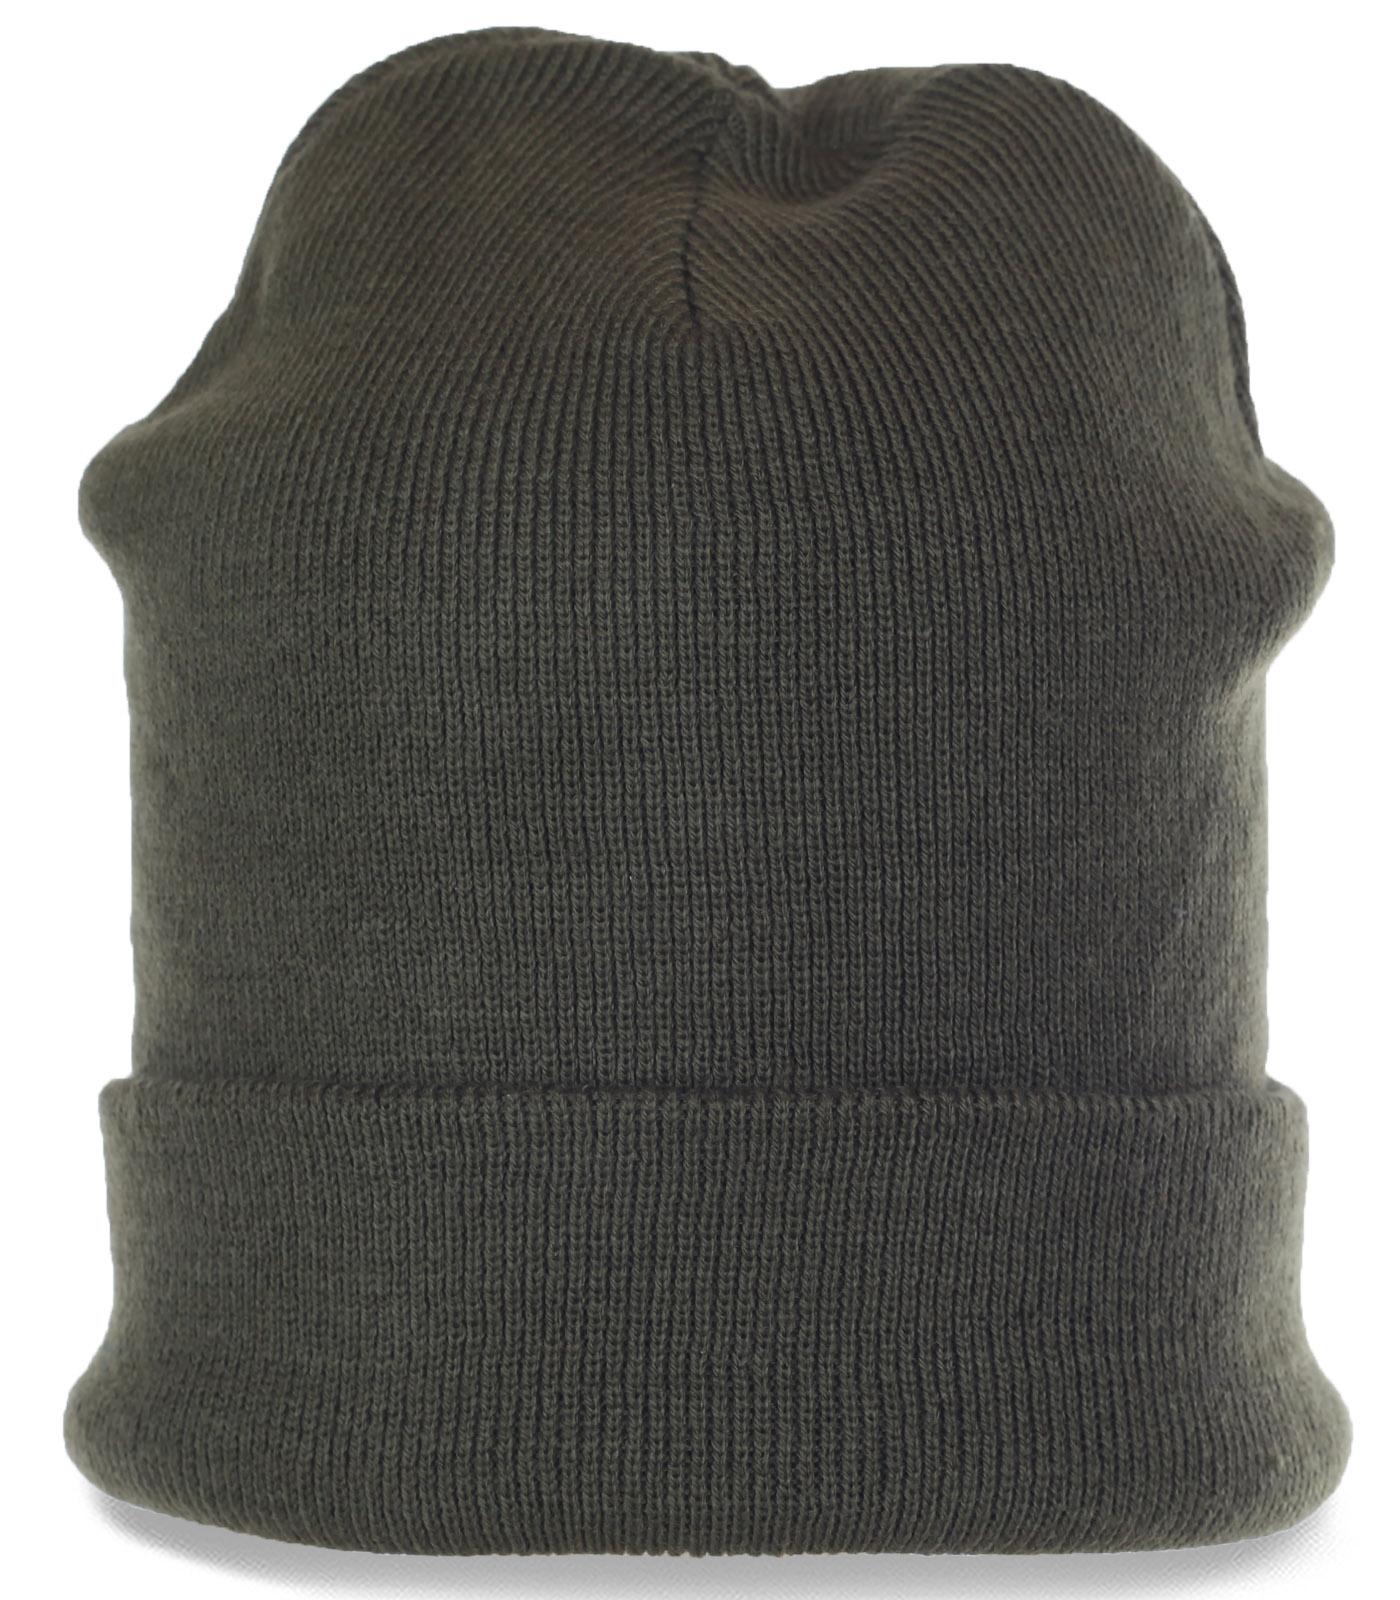 Проверенная временем традиционная трикотажная мужская шапка с отворотом. Гарантированное отменное качество и комфорт